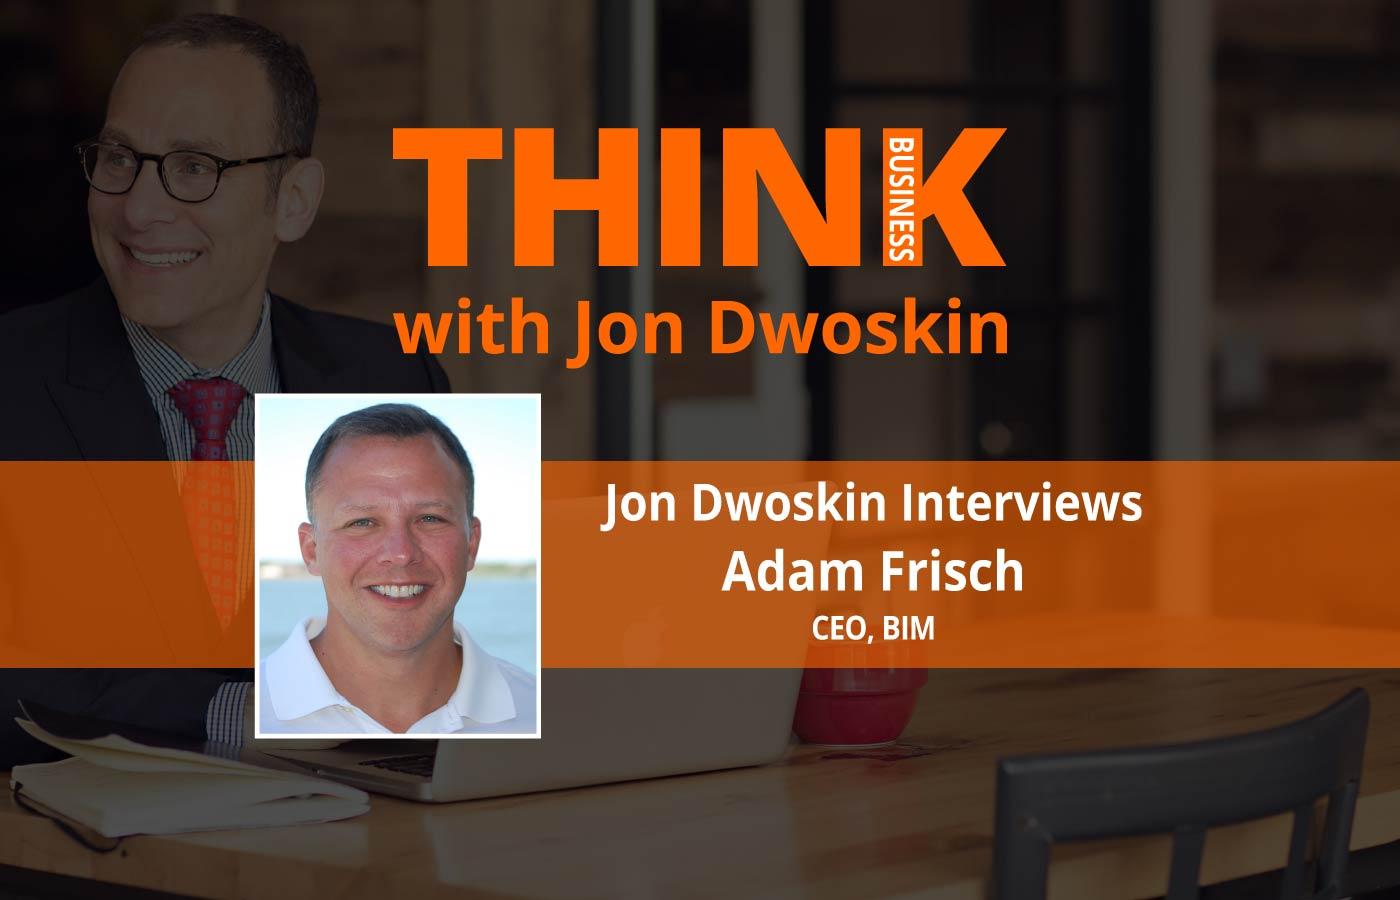 THINK Business Podcast: Jon Dwoskin Interviews Adam Frisch, CEO of BIM